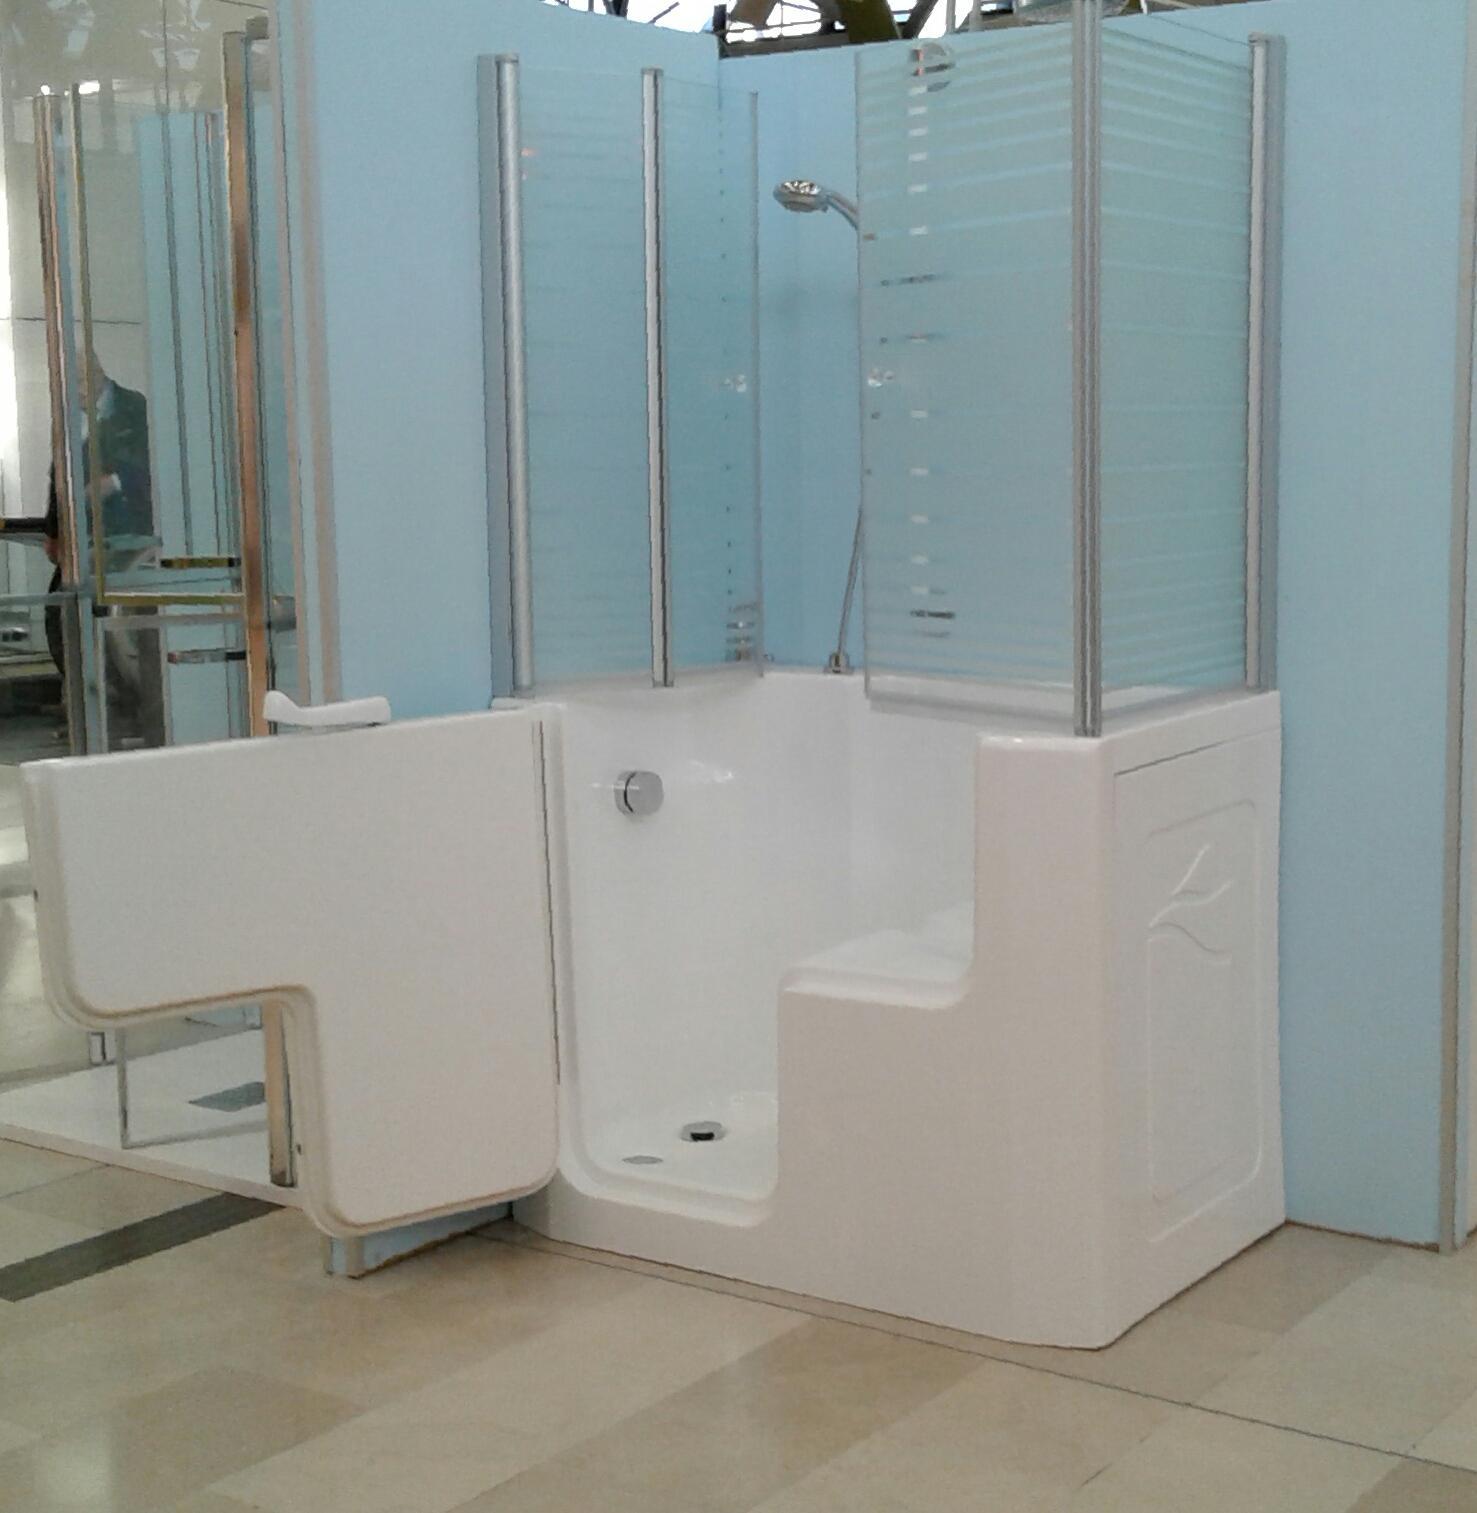 Docce per anziani e disabili sostituzione vasca in doccia - Vasca da bagno piccola con seduta ...